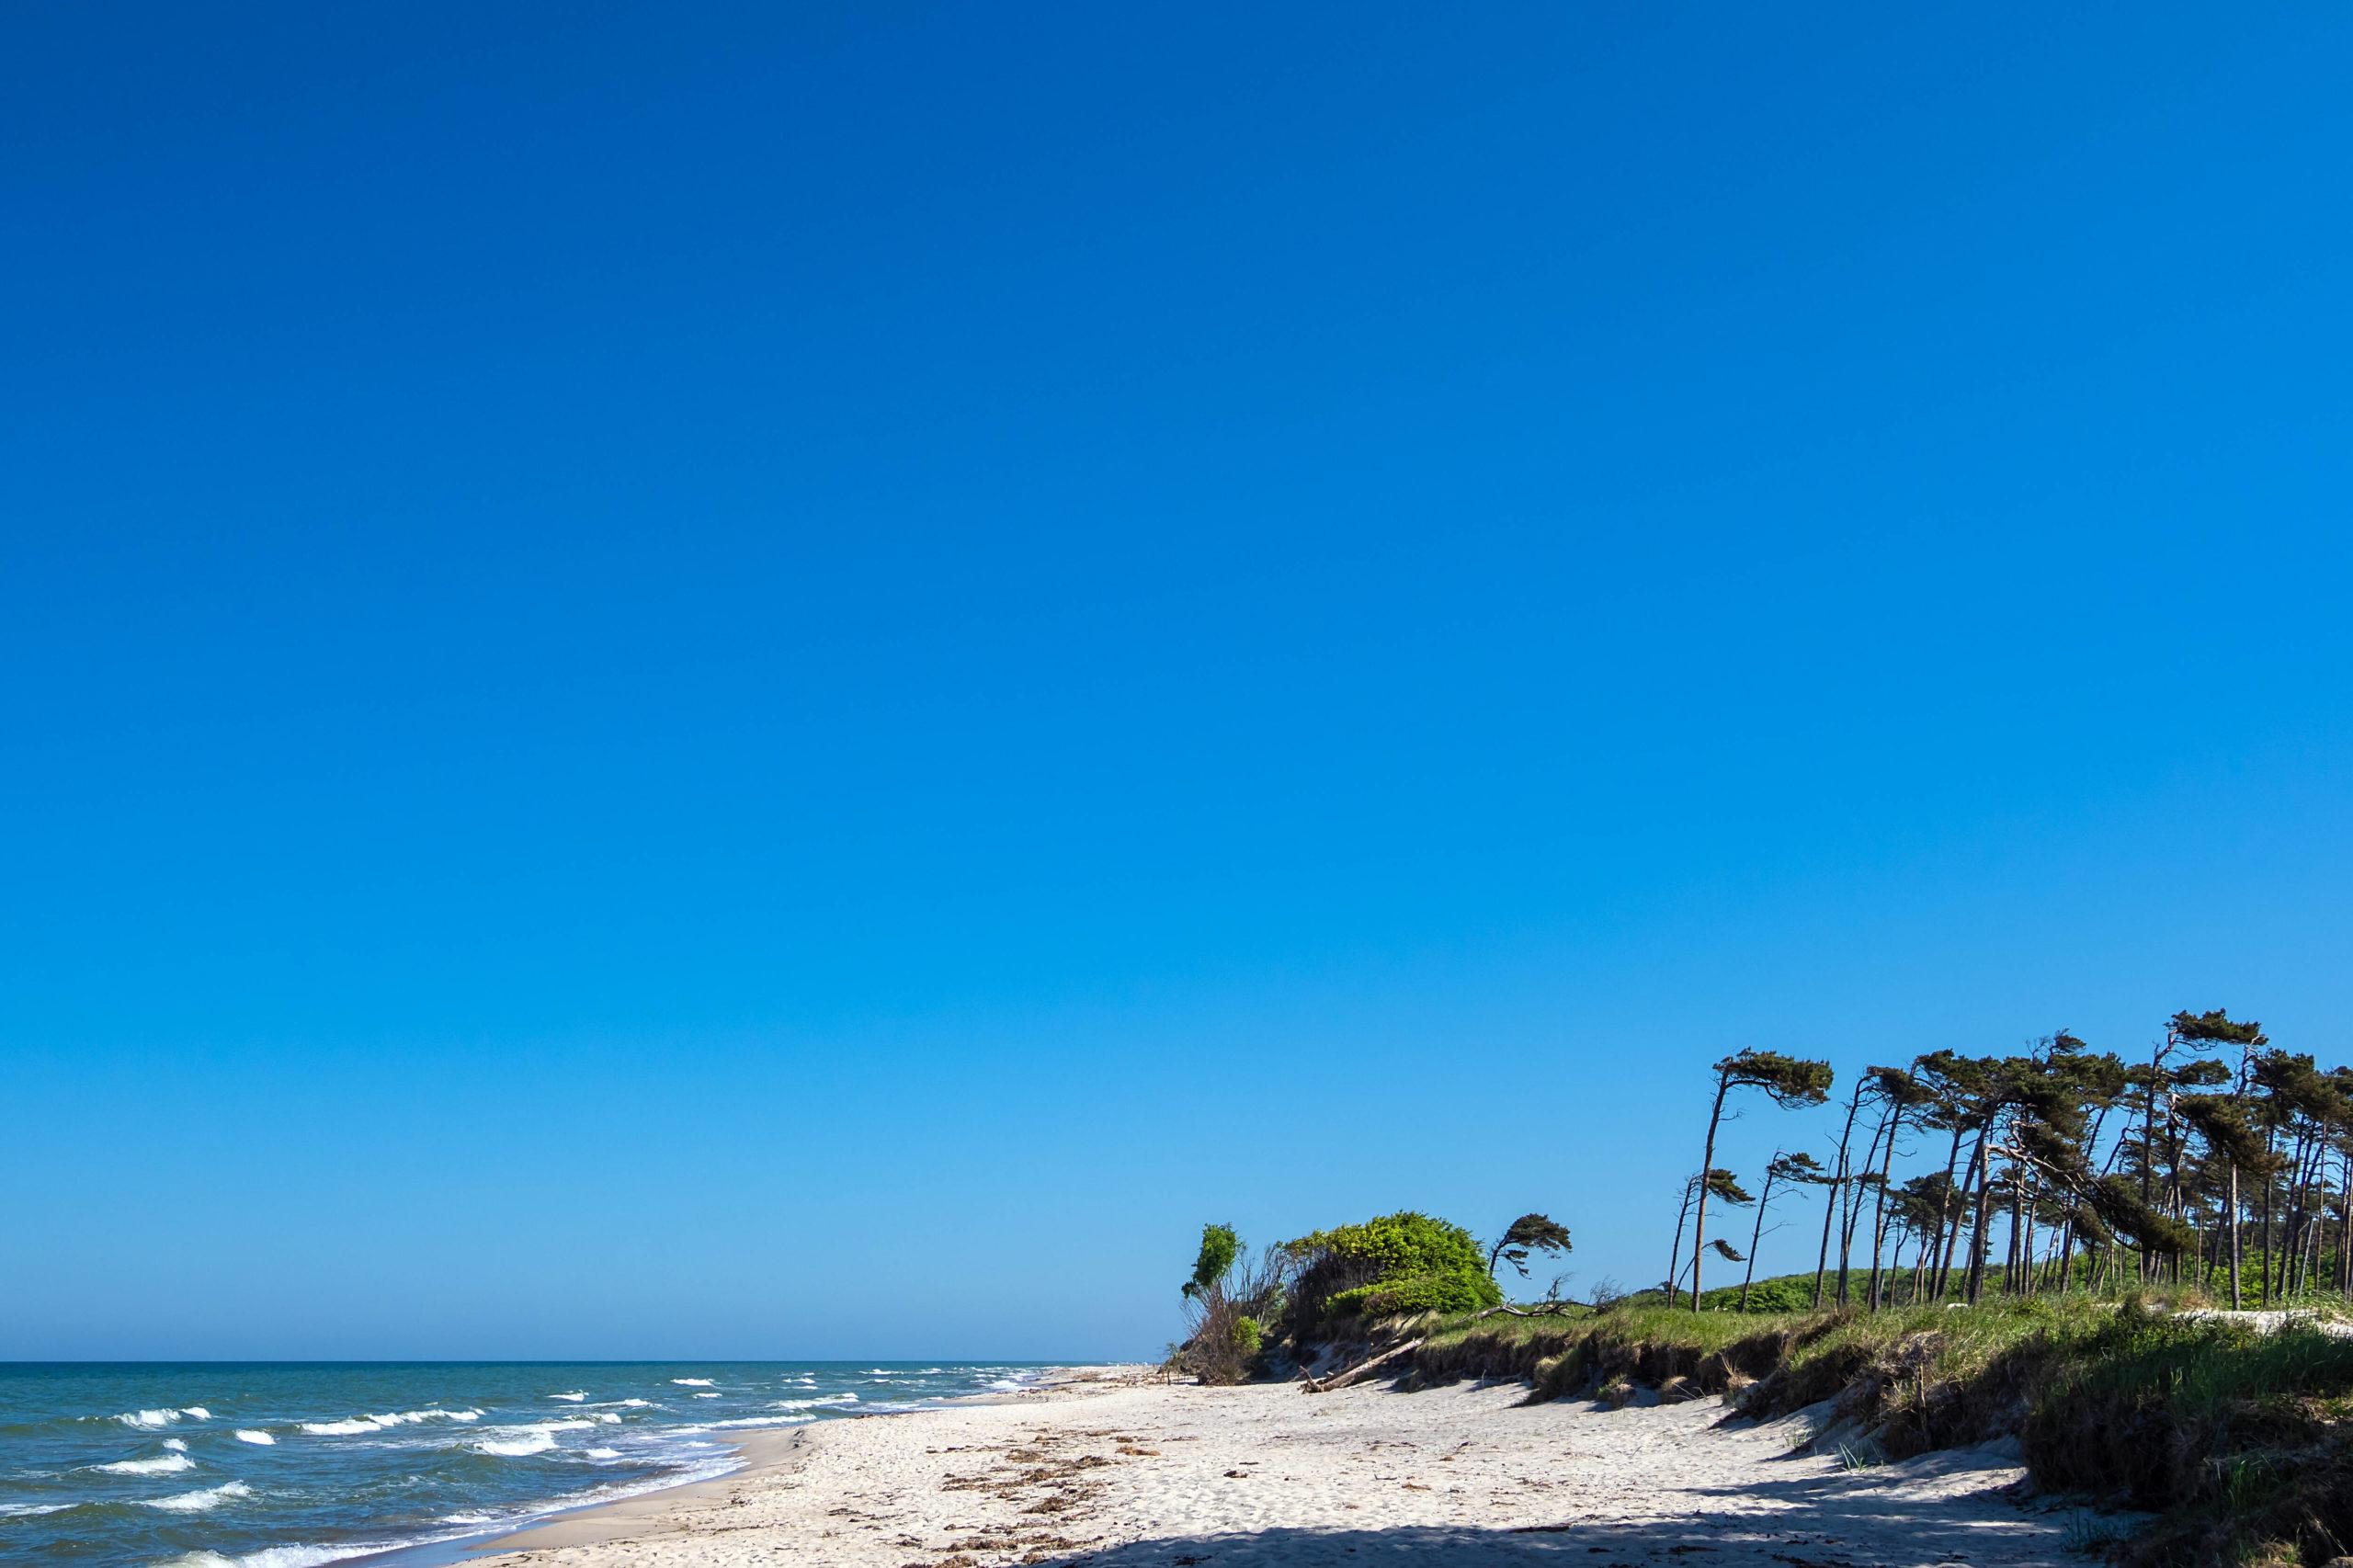 Schönste Strände Ostsee Weißer Sand, sanfte Wellen: Der Weststrand auf Rügen glänzt dank seiner naturbelassenen Schönheit.